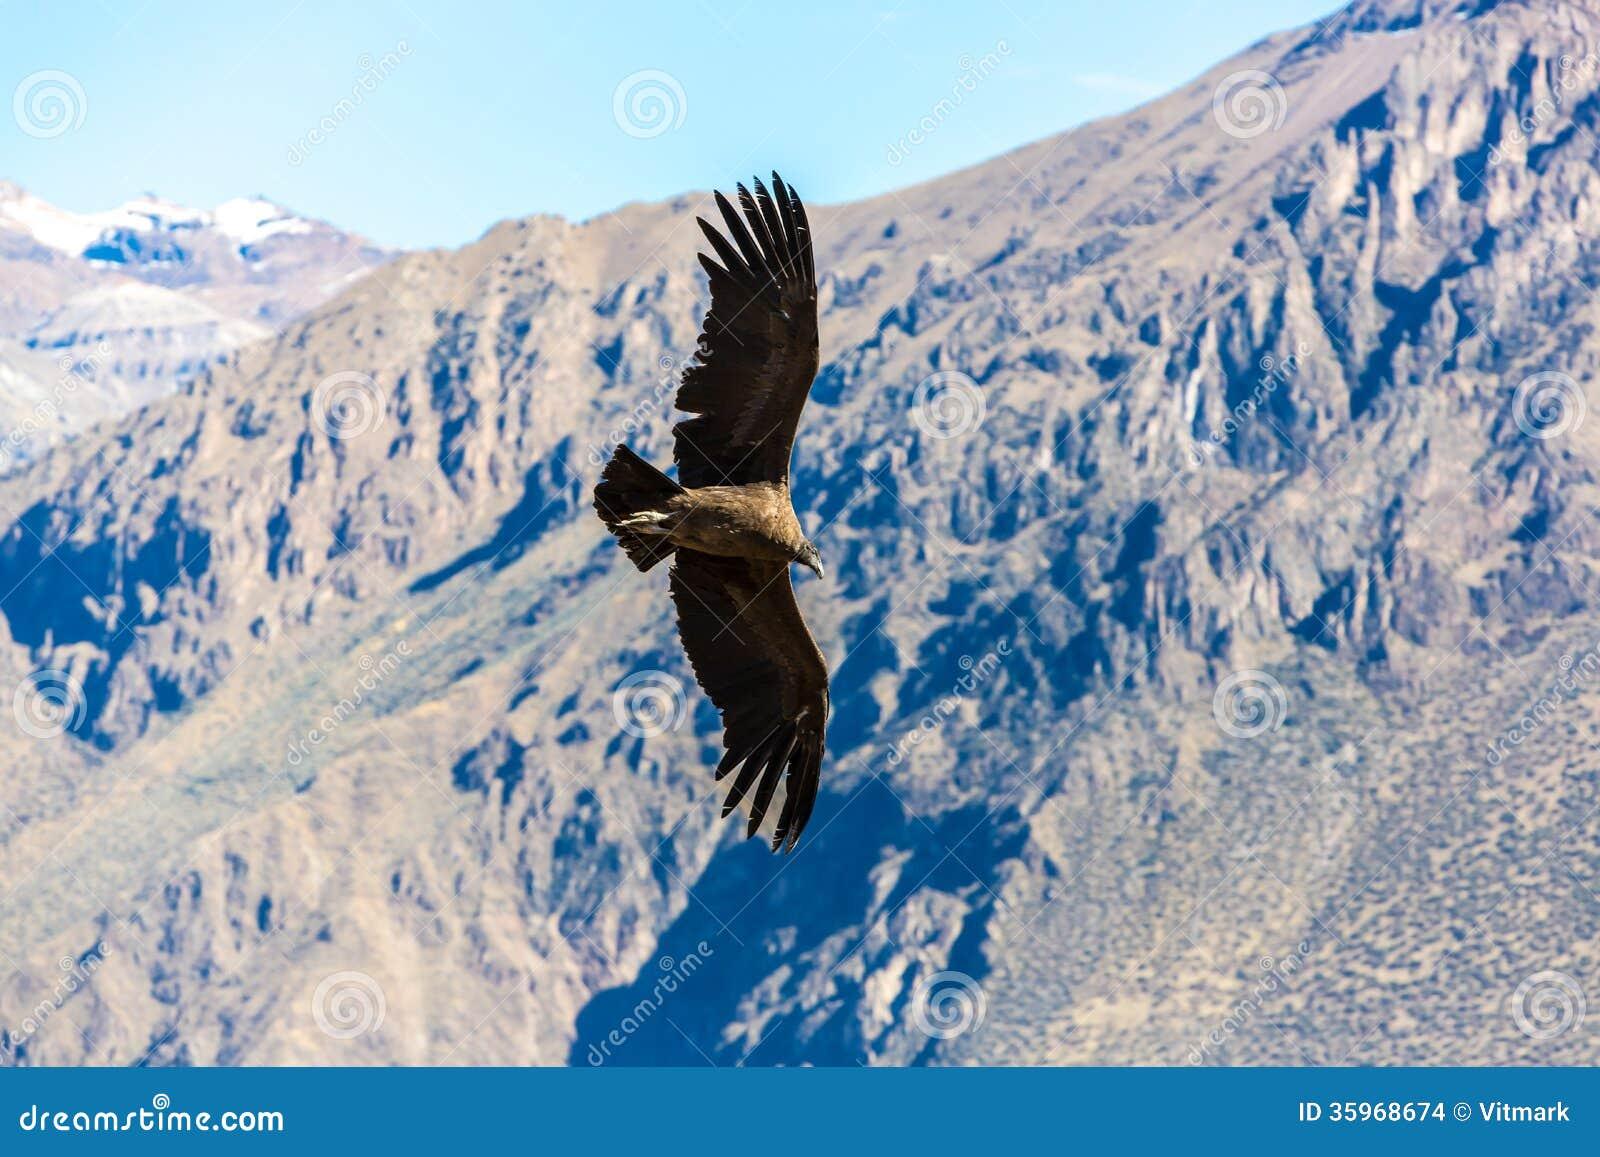 Cóndor del vuelo sobre el barranco de Colca, Perú, Suramérica. Este cóndor el pájaro de vuelo más grande